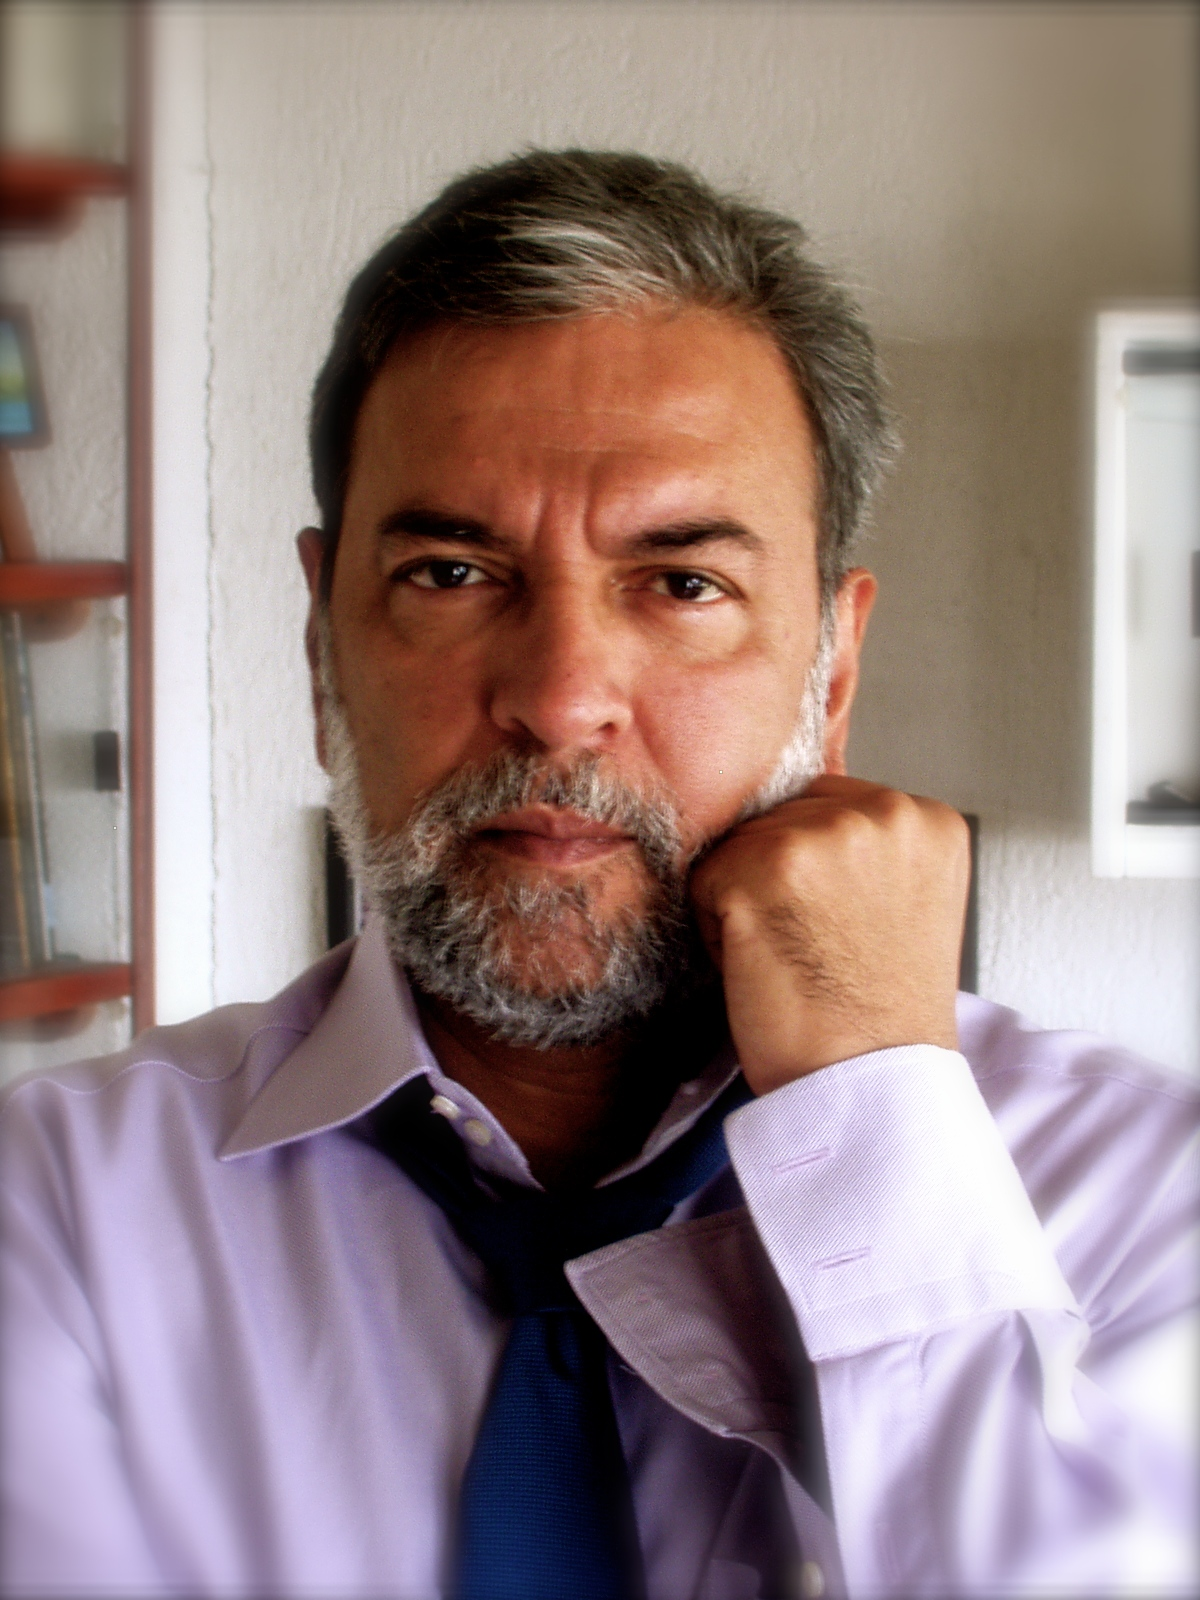 Julio César Londoño - Wikidata